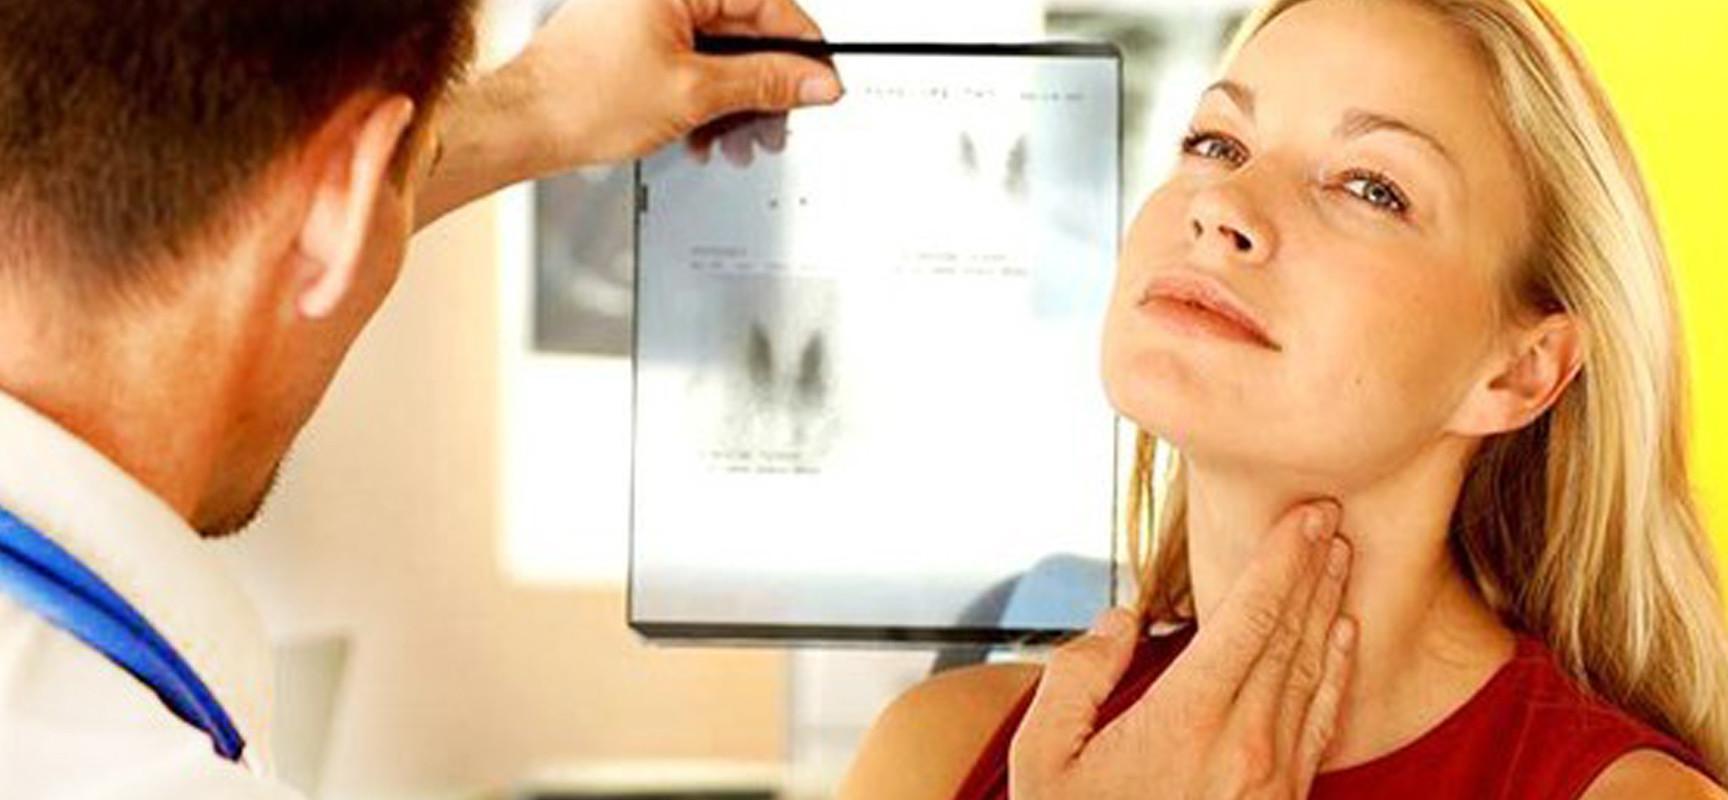 Щитовидная железа снимок